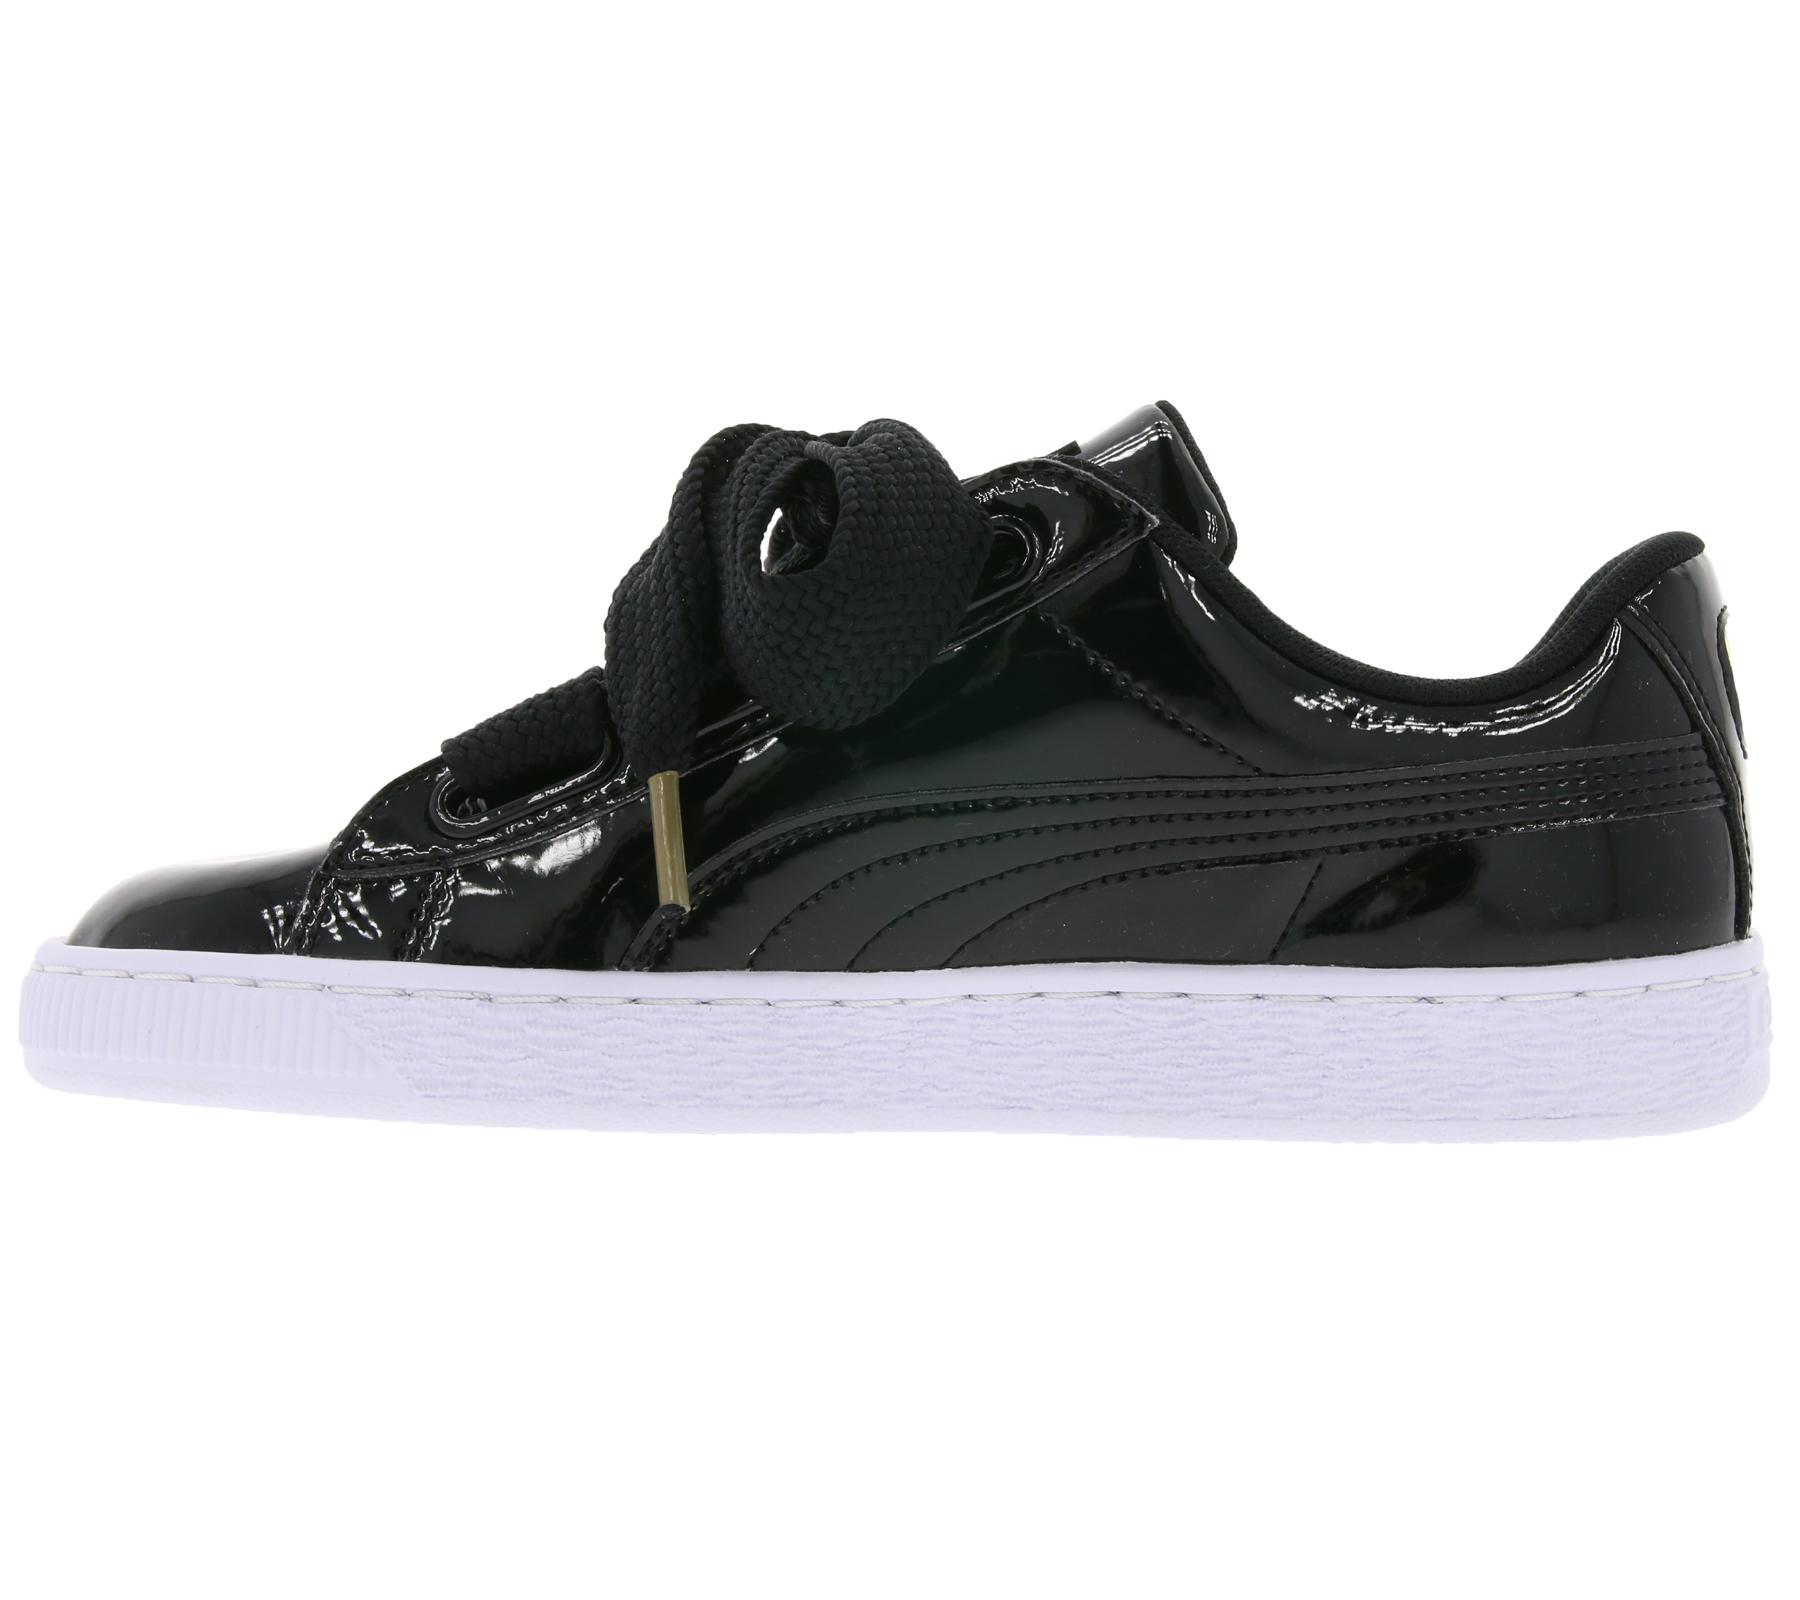 Neu Puma Basket Heart Patent Damen Schuhe Beige 363073 06